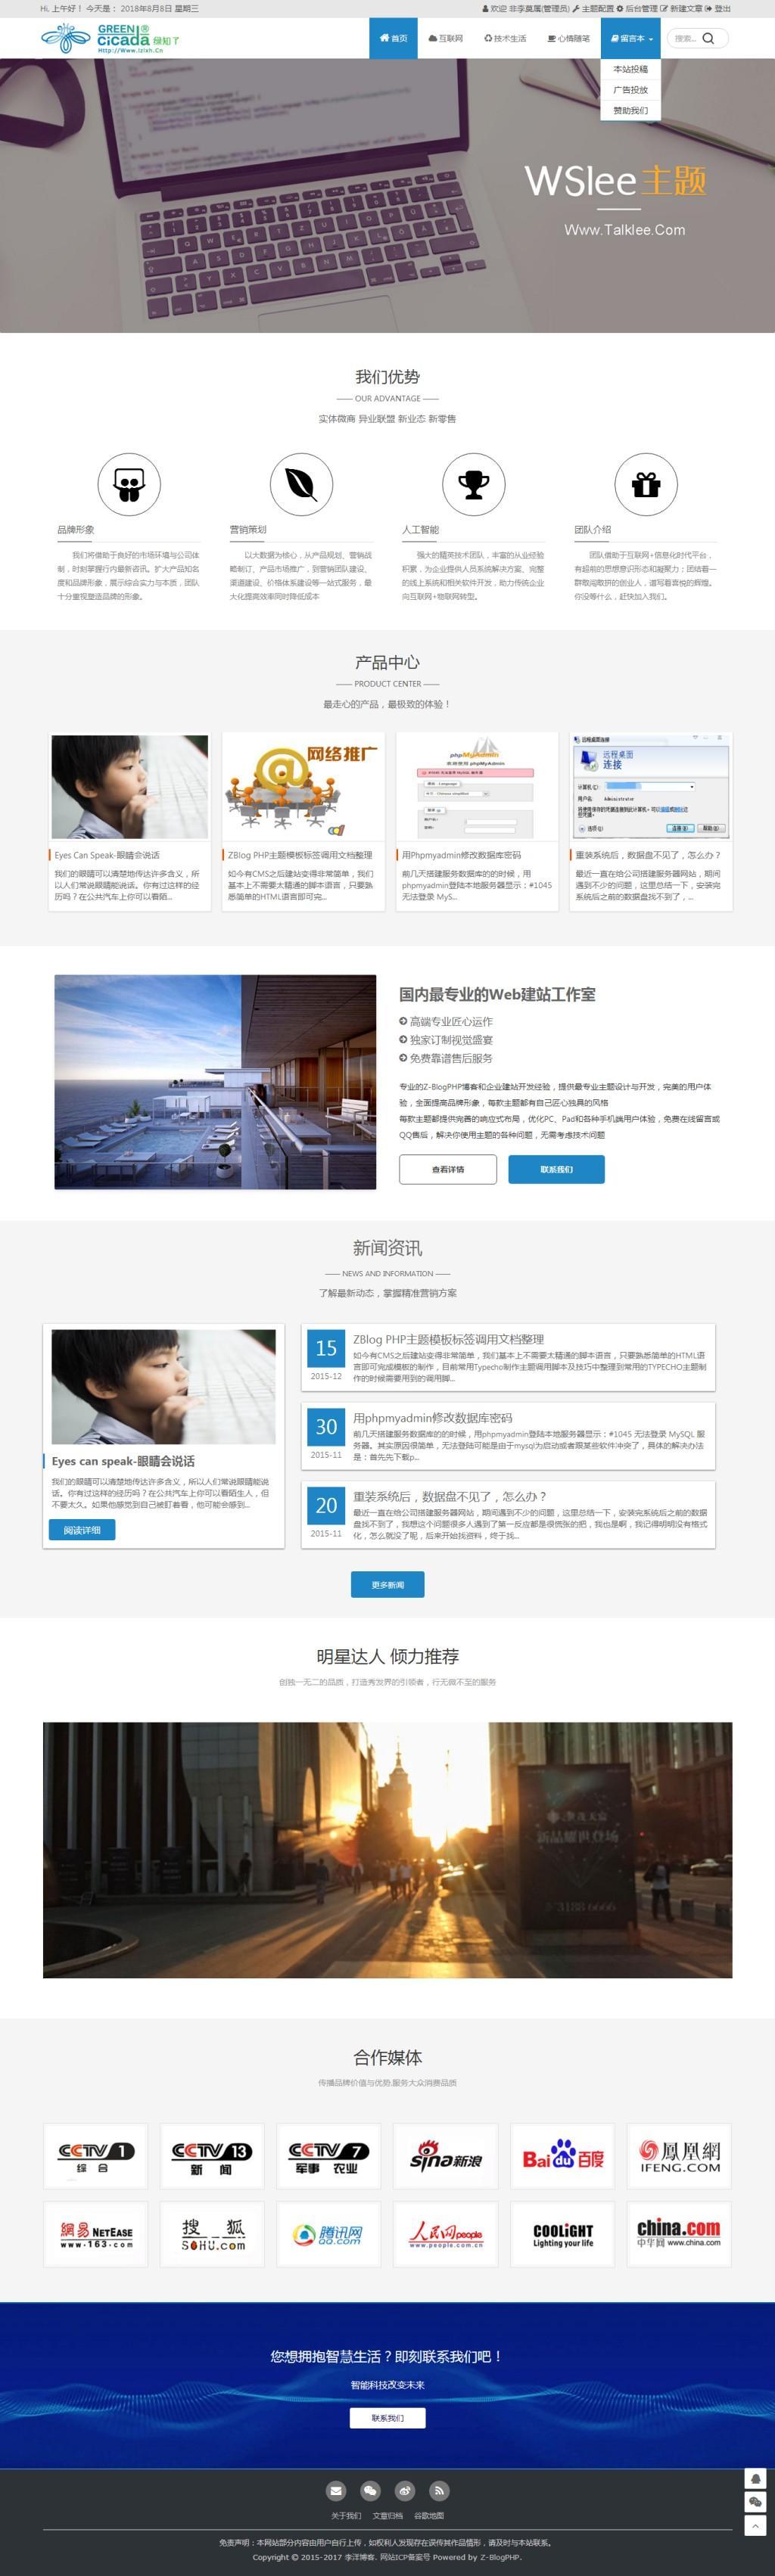 Z-Blog首款微商企业类型主题模板--微商互联(Wslee),Z-Blog首款微商企业类型主题模板--微商互联(Wslee) 第6张,博客模板,免费,模板,QQ,域名,第7张